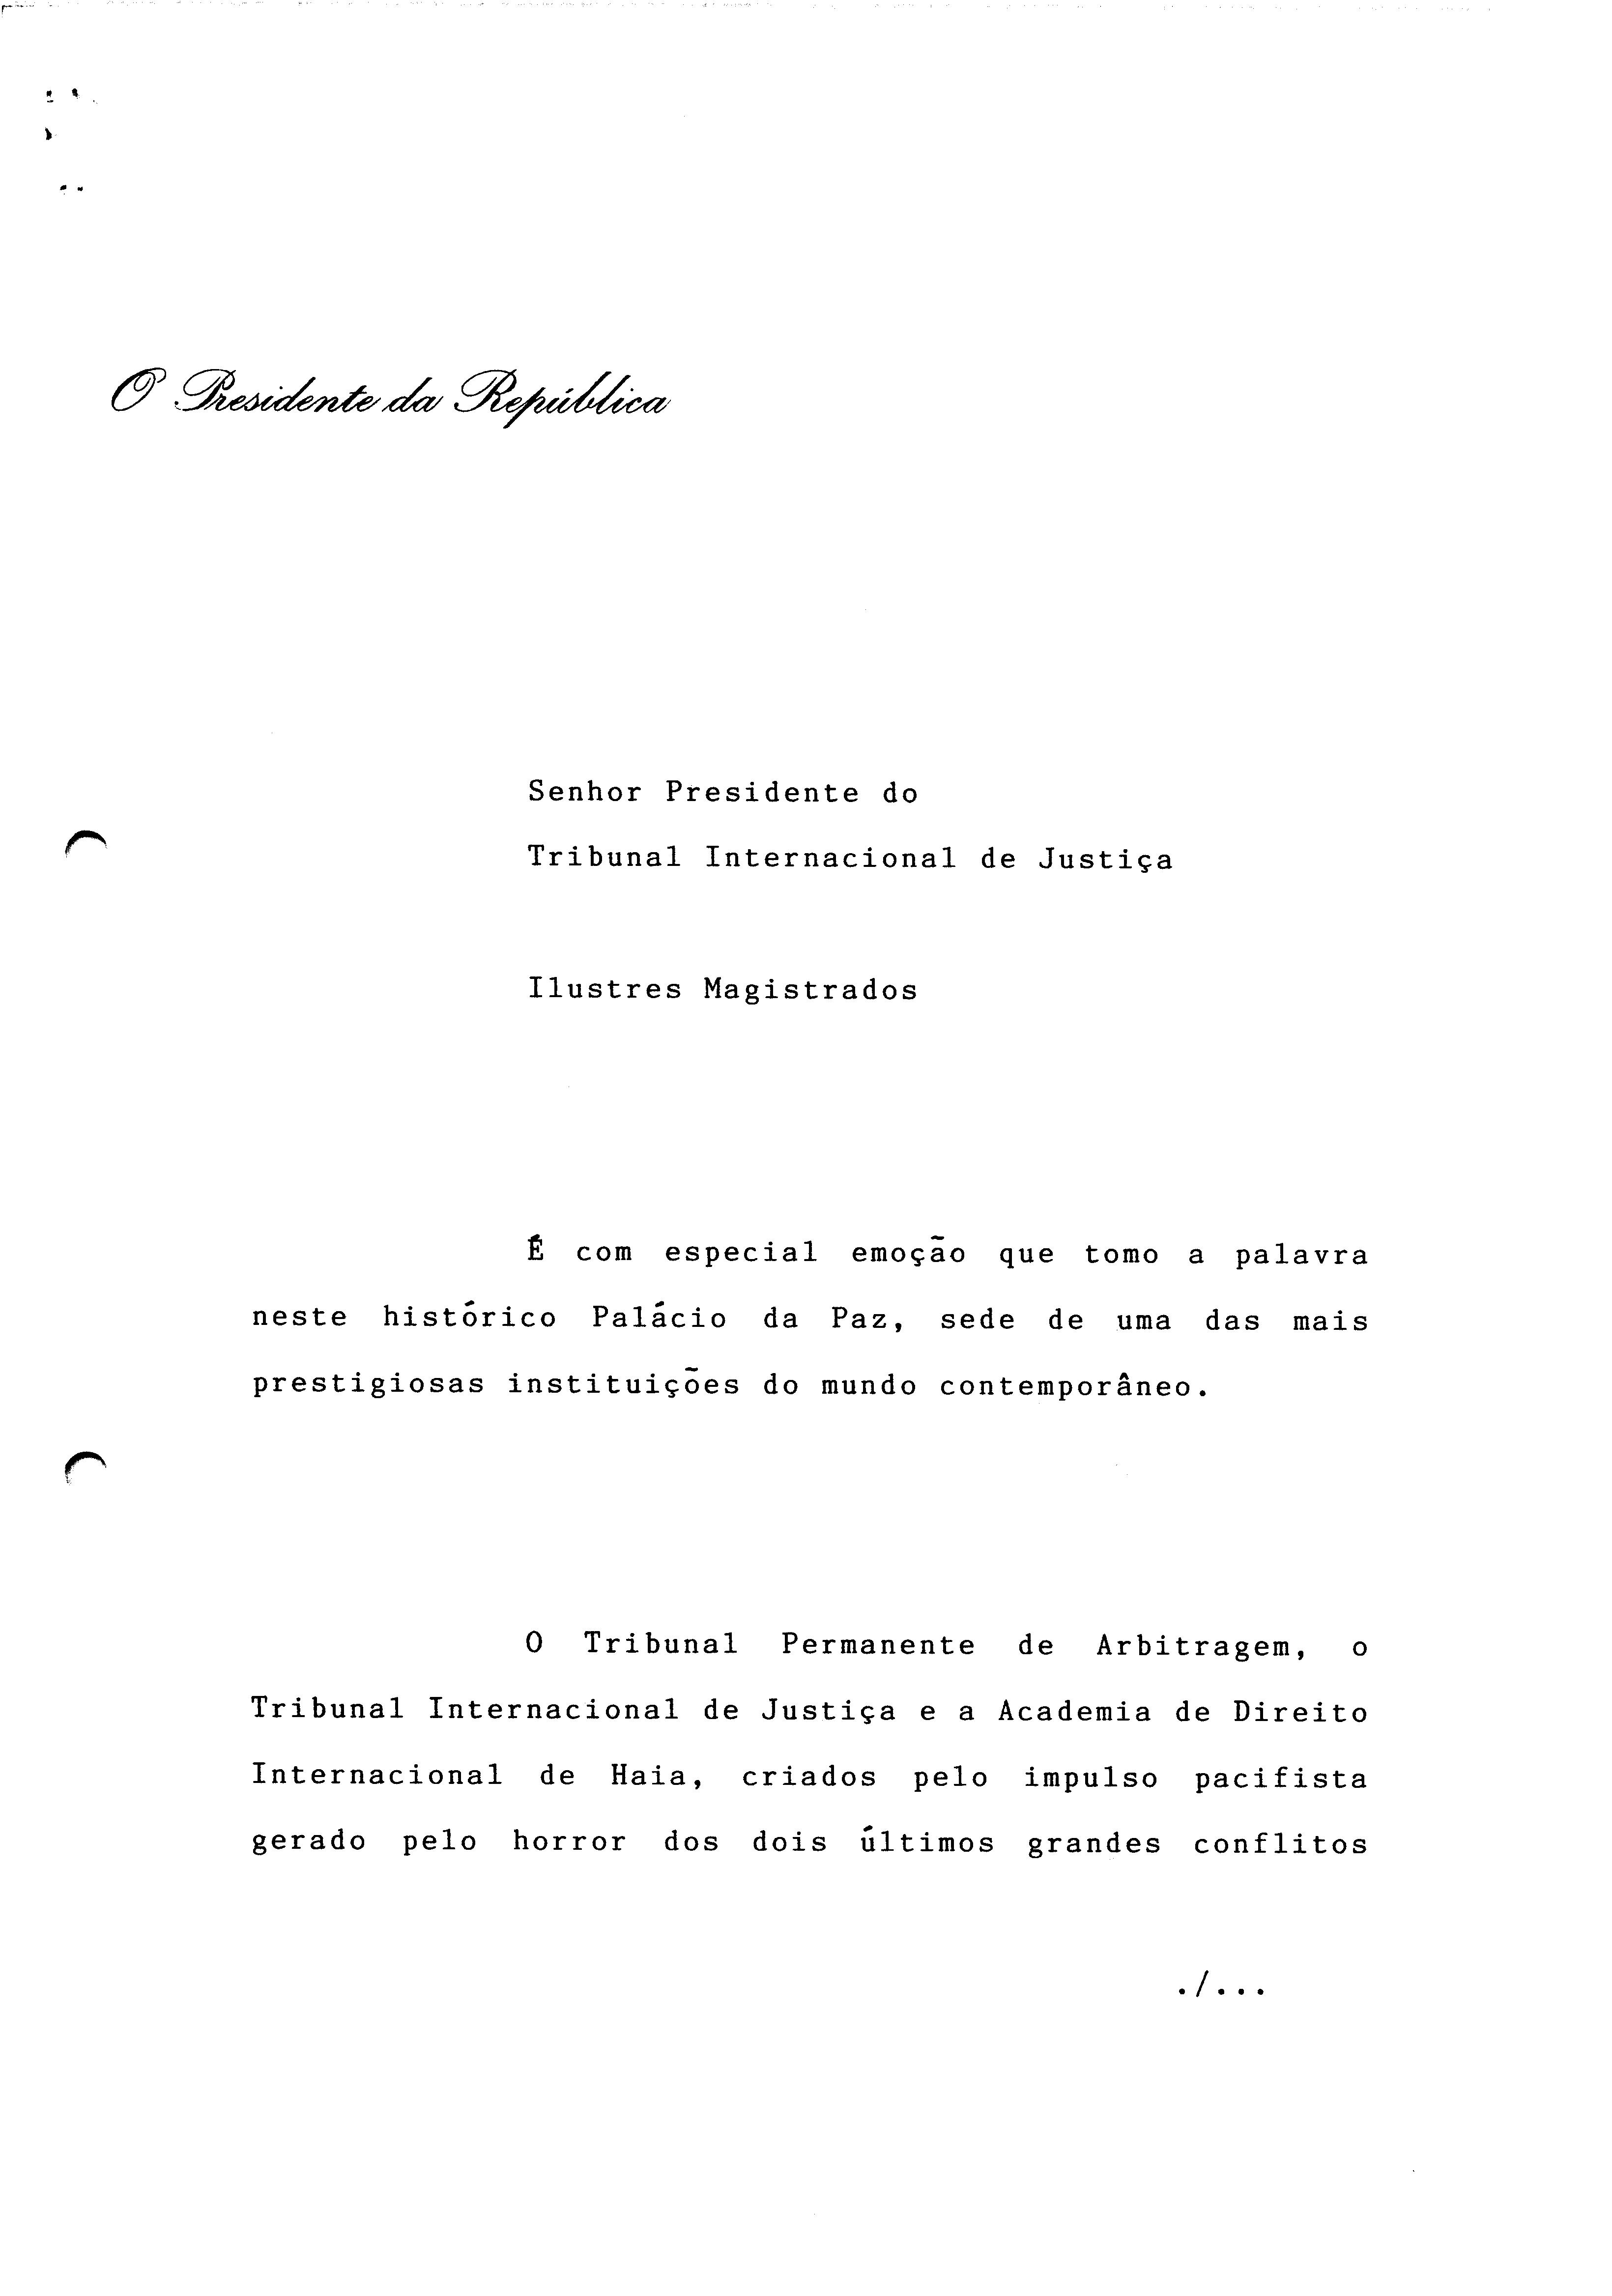 00402.020- pag.1